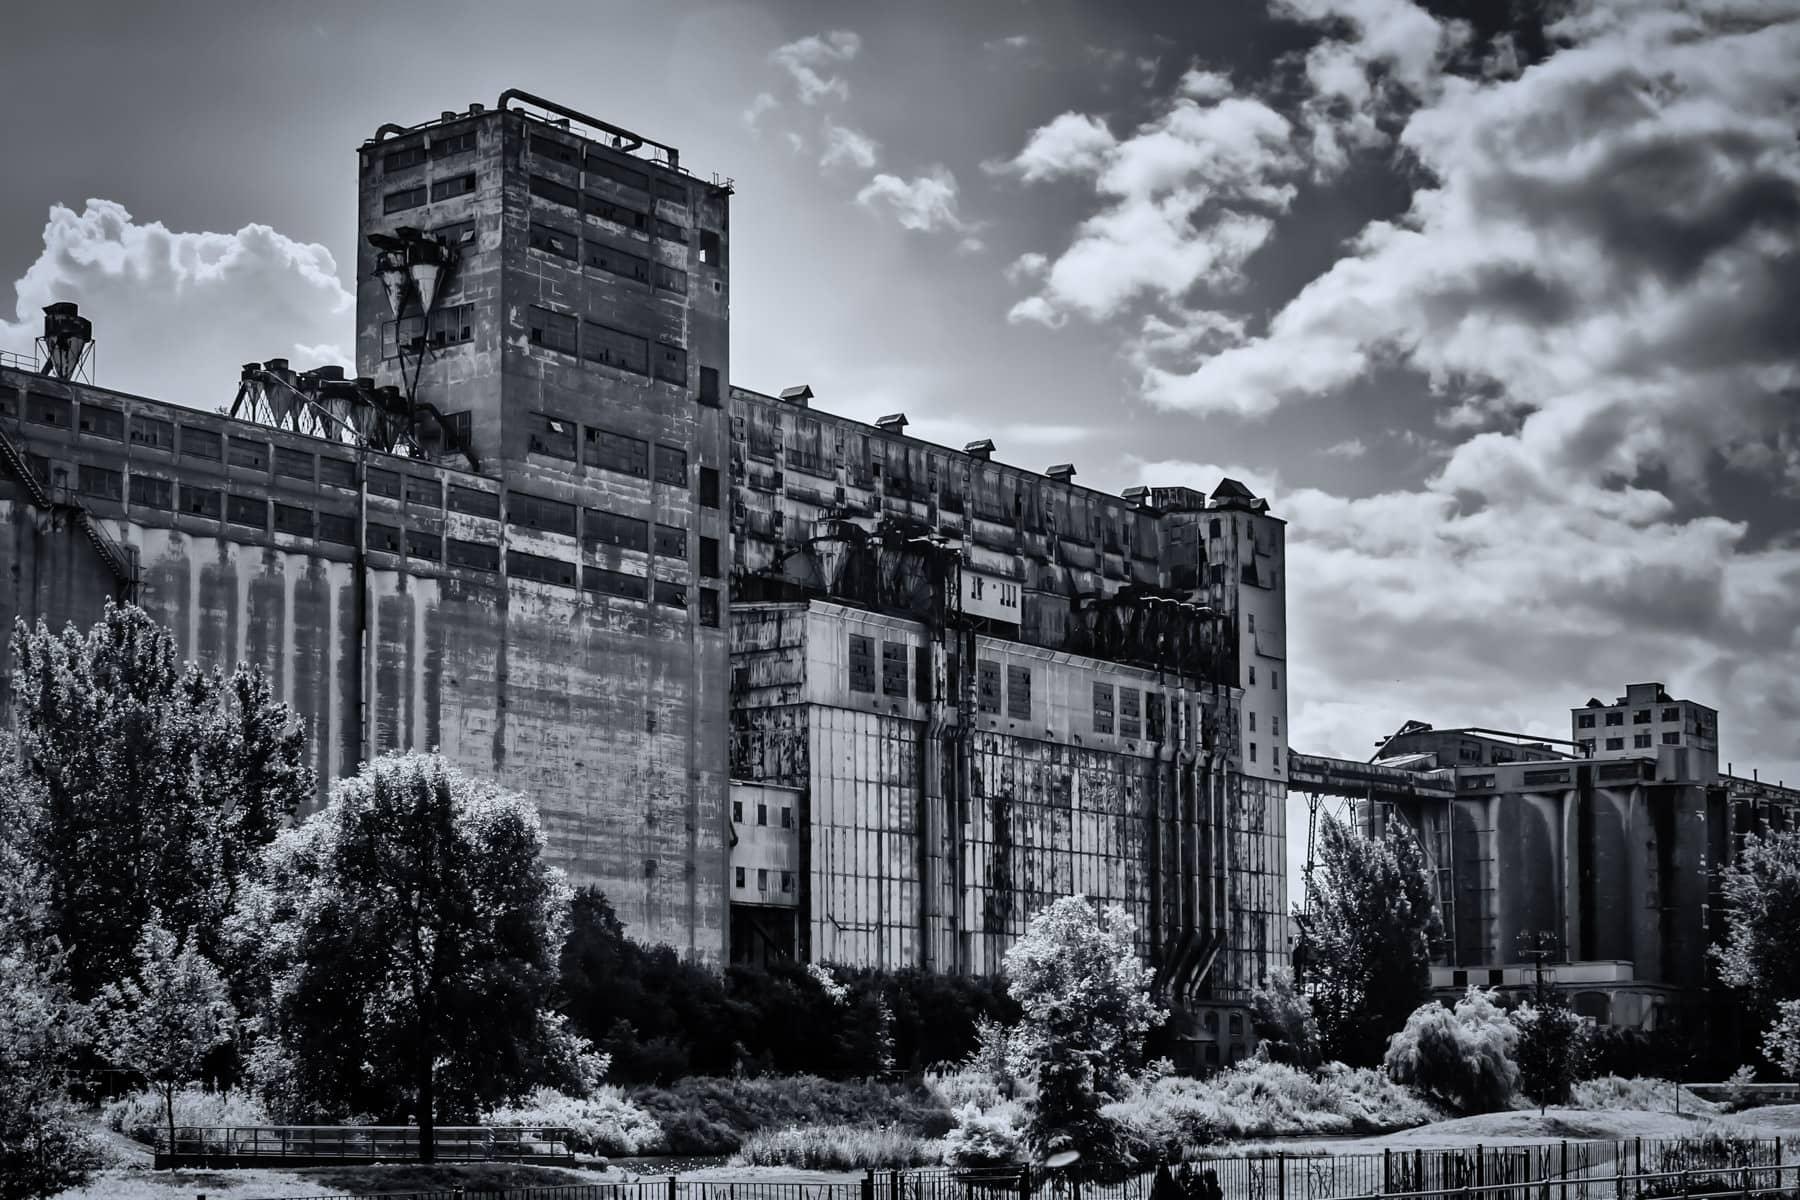 Grain silos in Vieux-Port de Montréal along the Canal de Lachine.